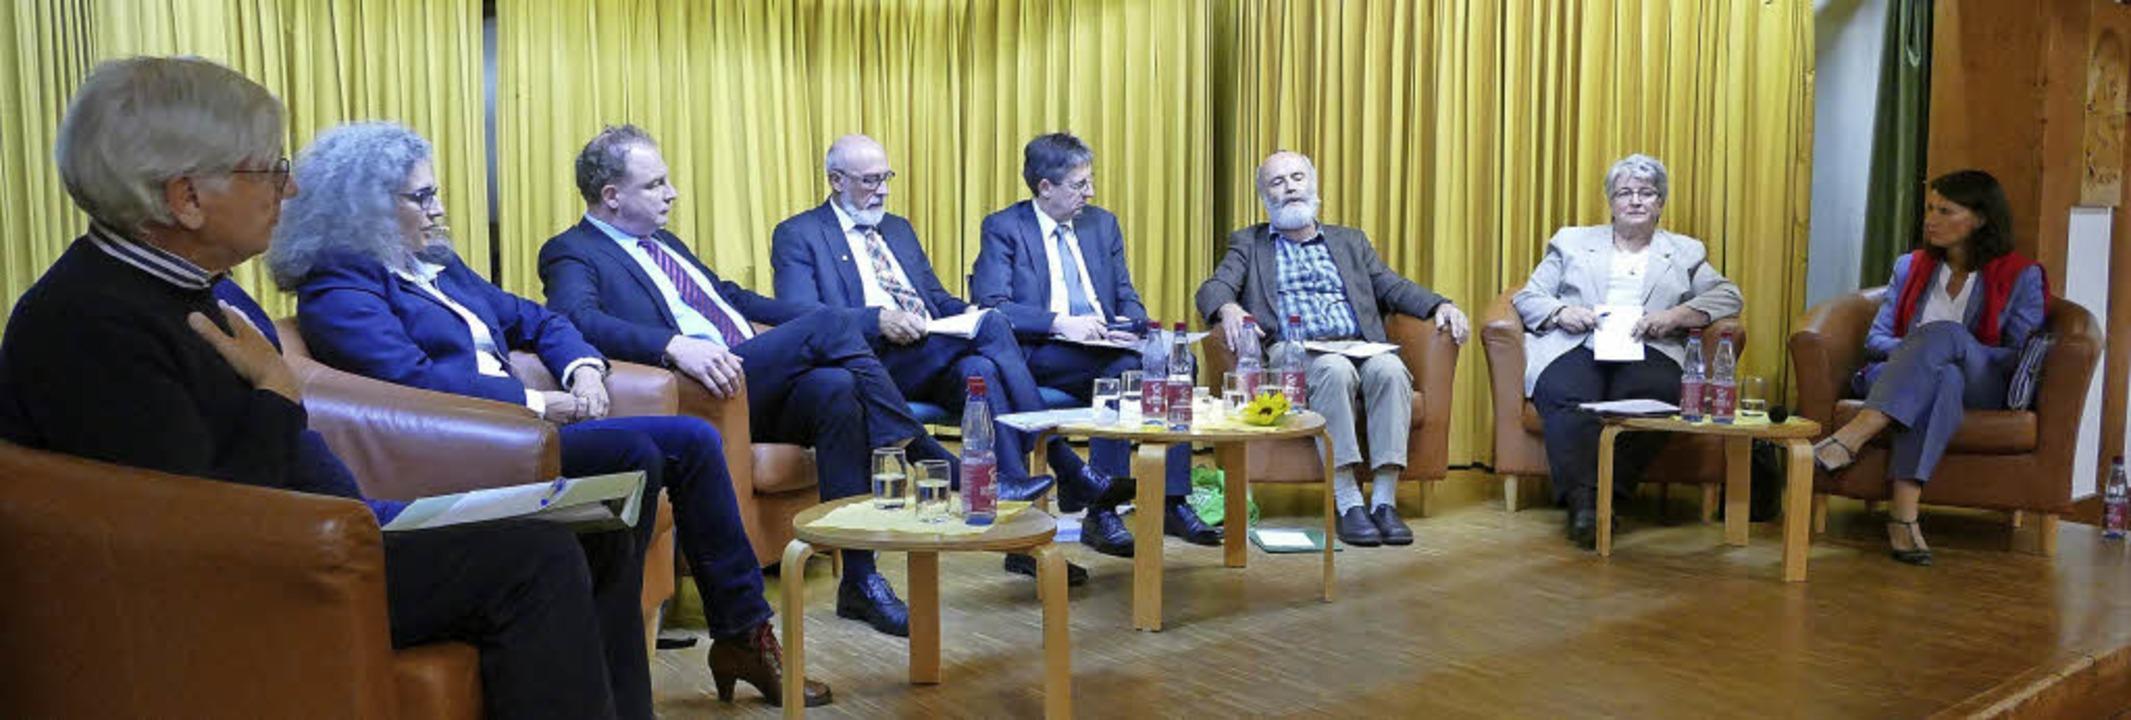 Podiumdiskussion im Pfarrsaal in Görwi...U) und Rita Schwarzelühr-Sutter (SPD).  | Foto: miloslavic